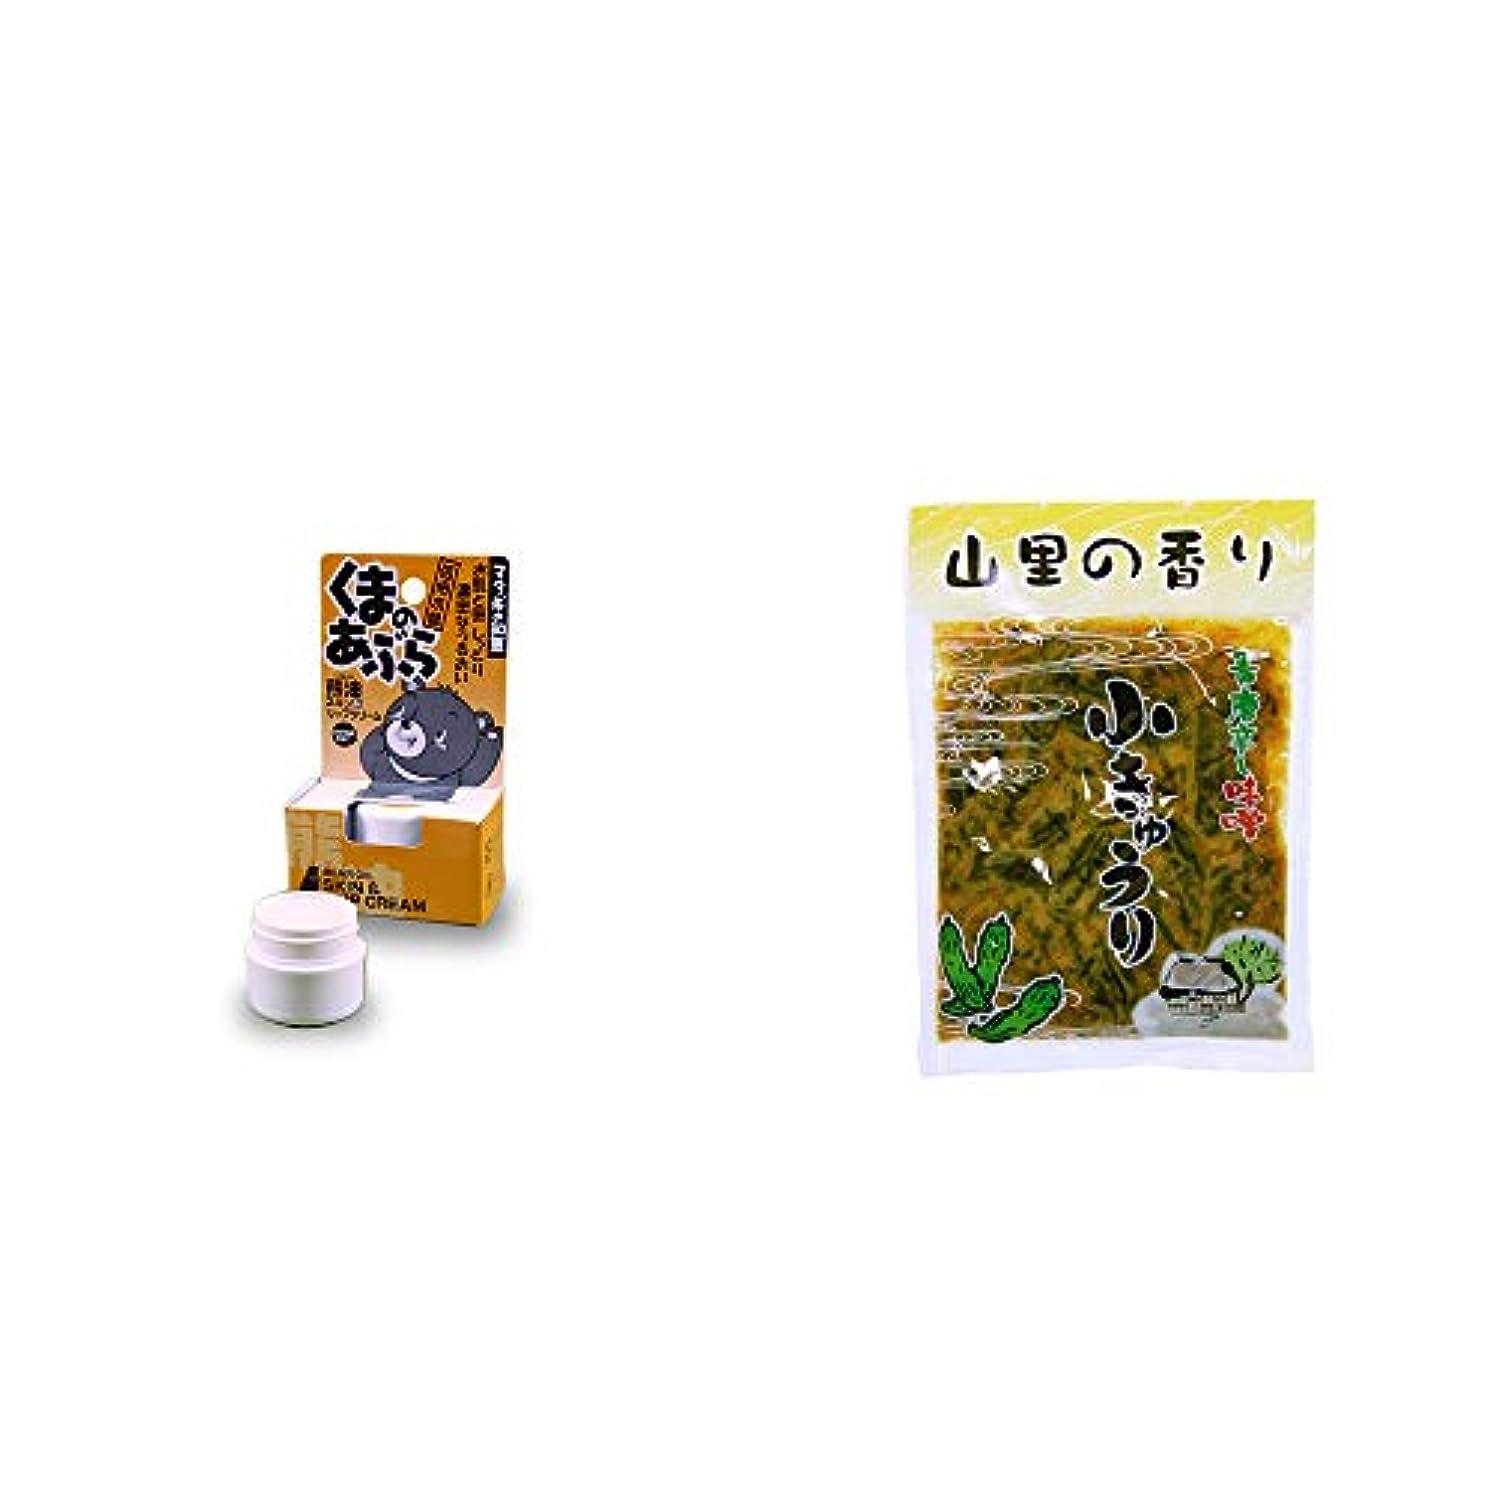 [2点セット] 信州木曽 くまのあぶら 熊油スキン&リップクリーム(9g)?山里の香り 青唐辛し味噌 小きゅうり(250g)